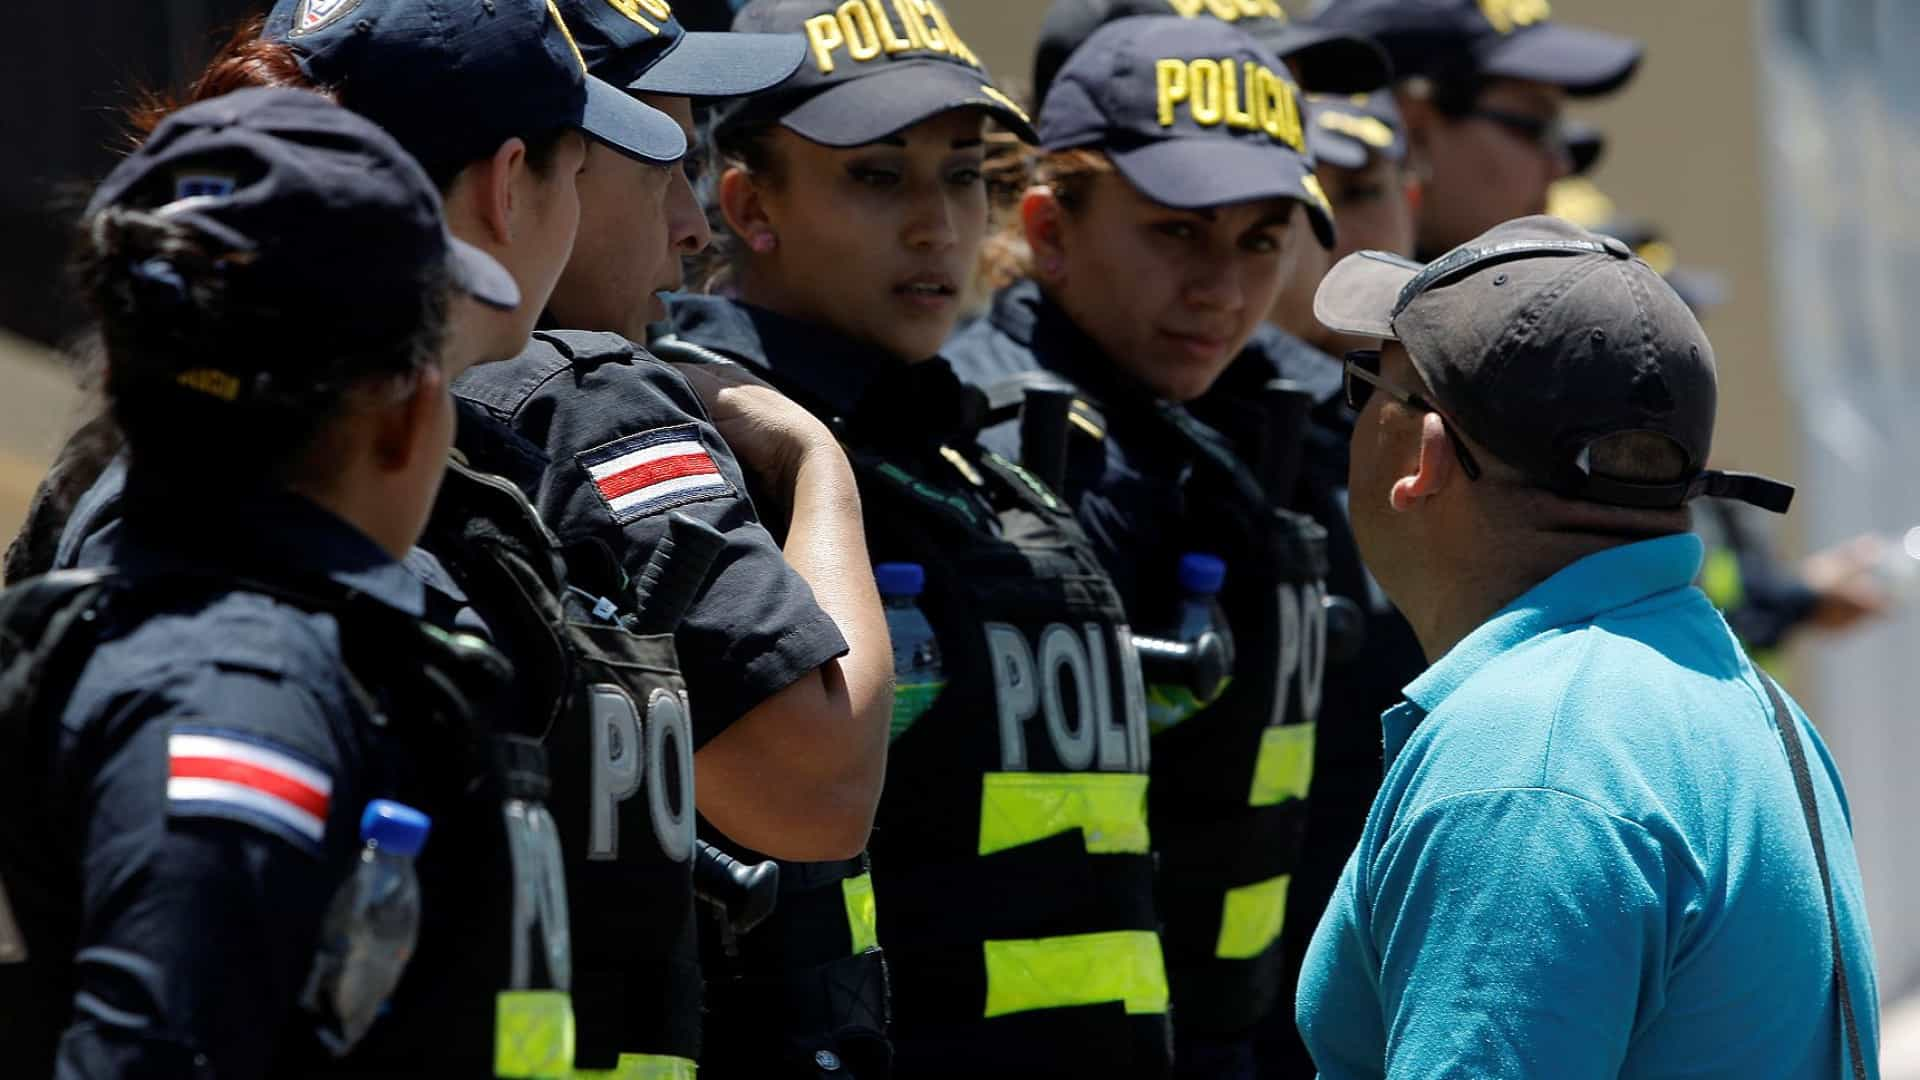 Manifestação xenófoba inédita e violenta na Costa Rica